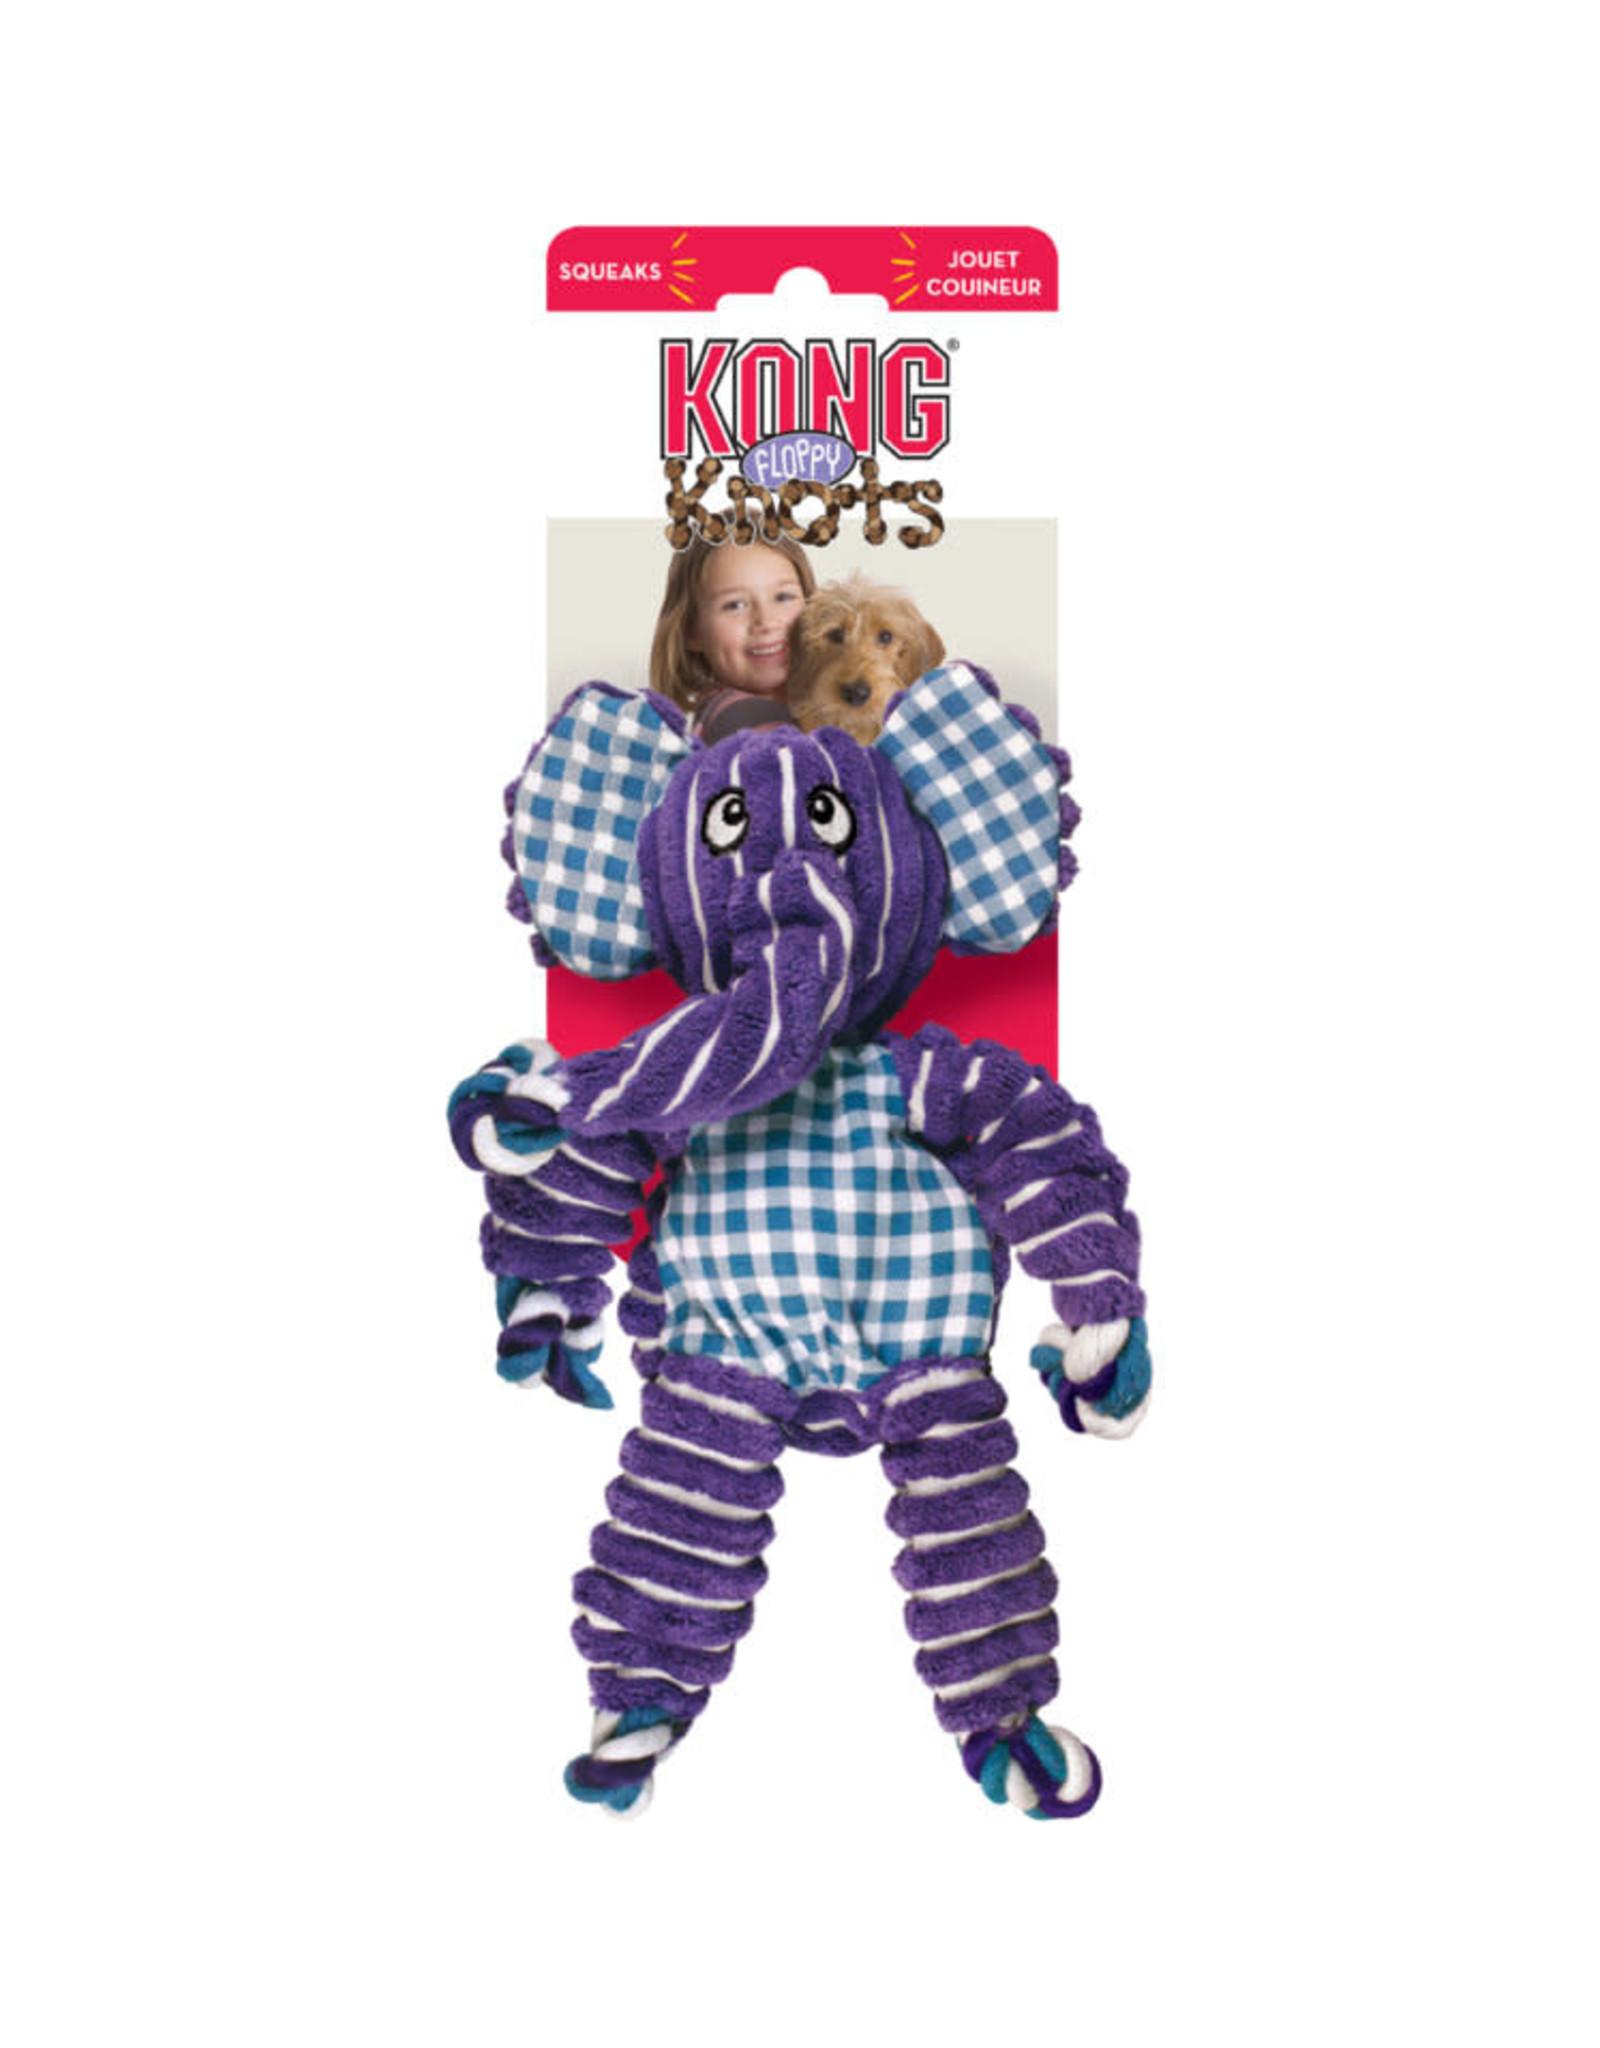 KONG Dog - Floppy Knot Elephant medium